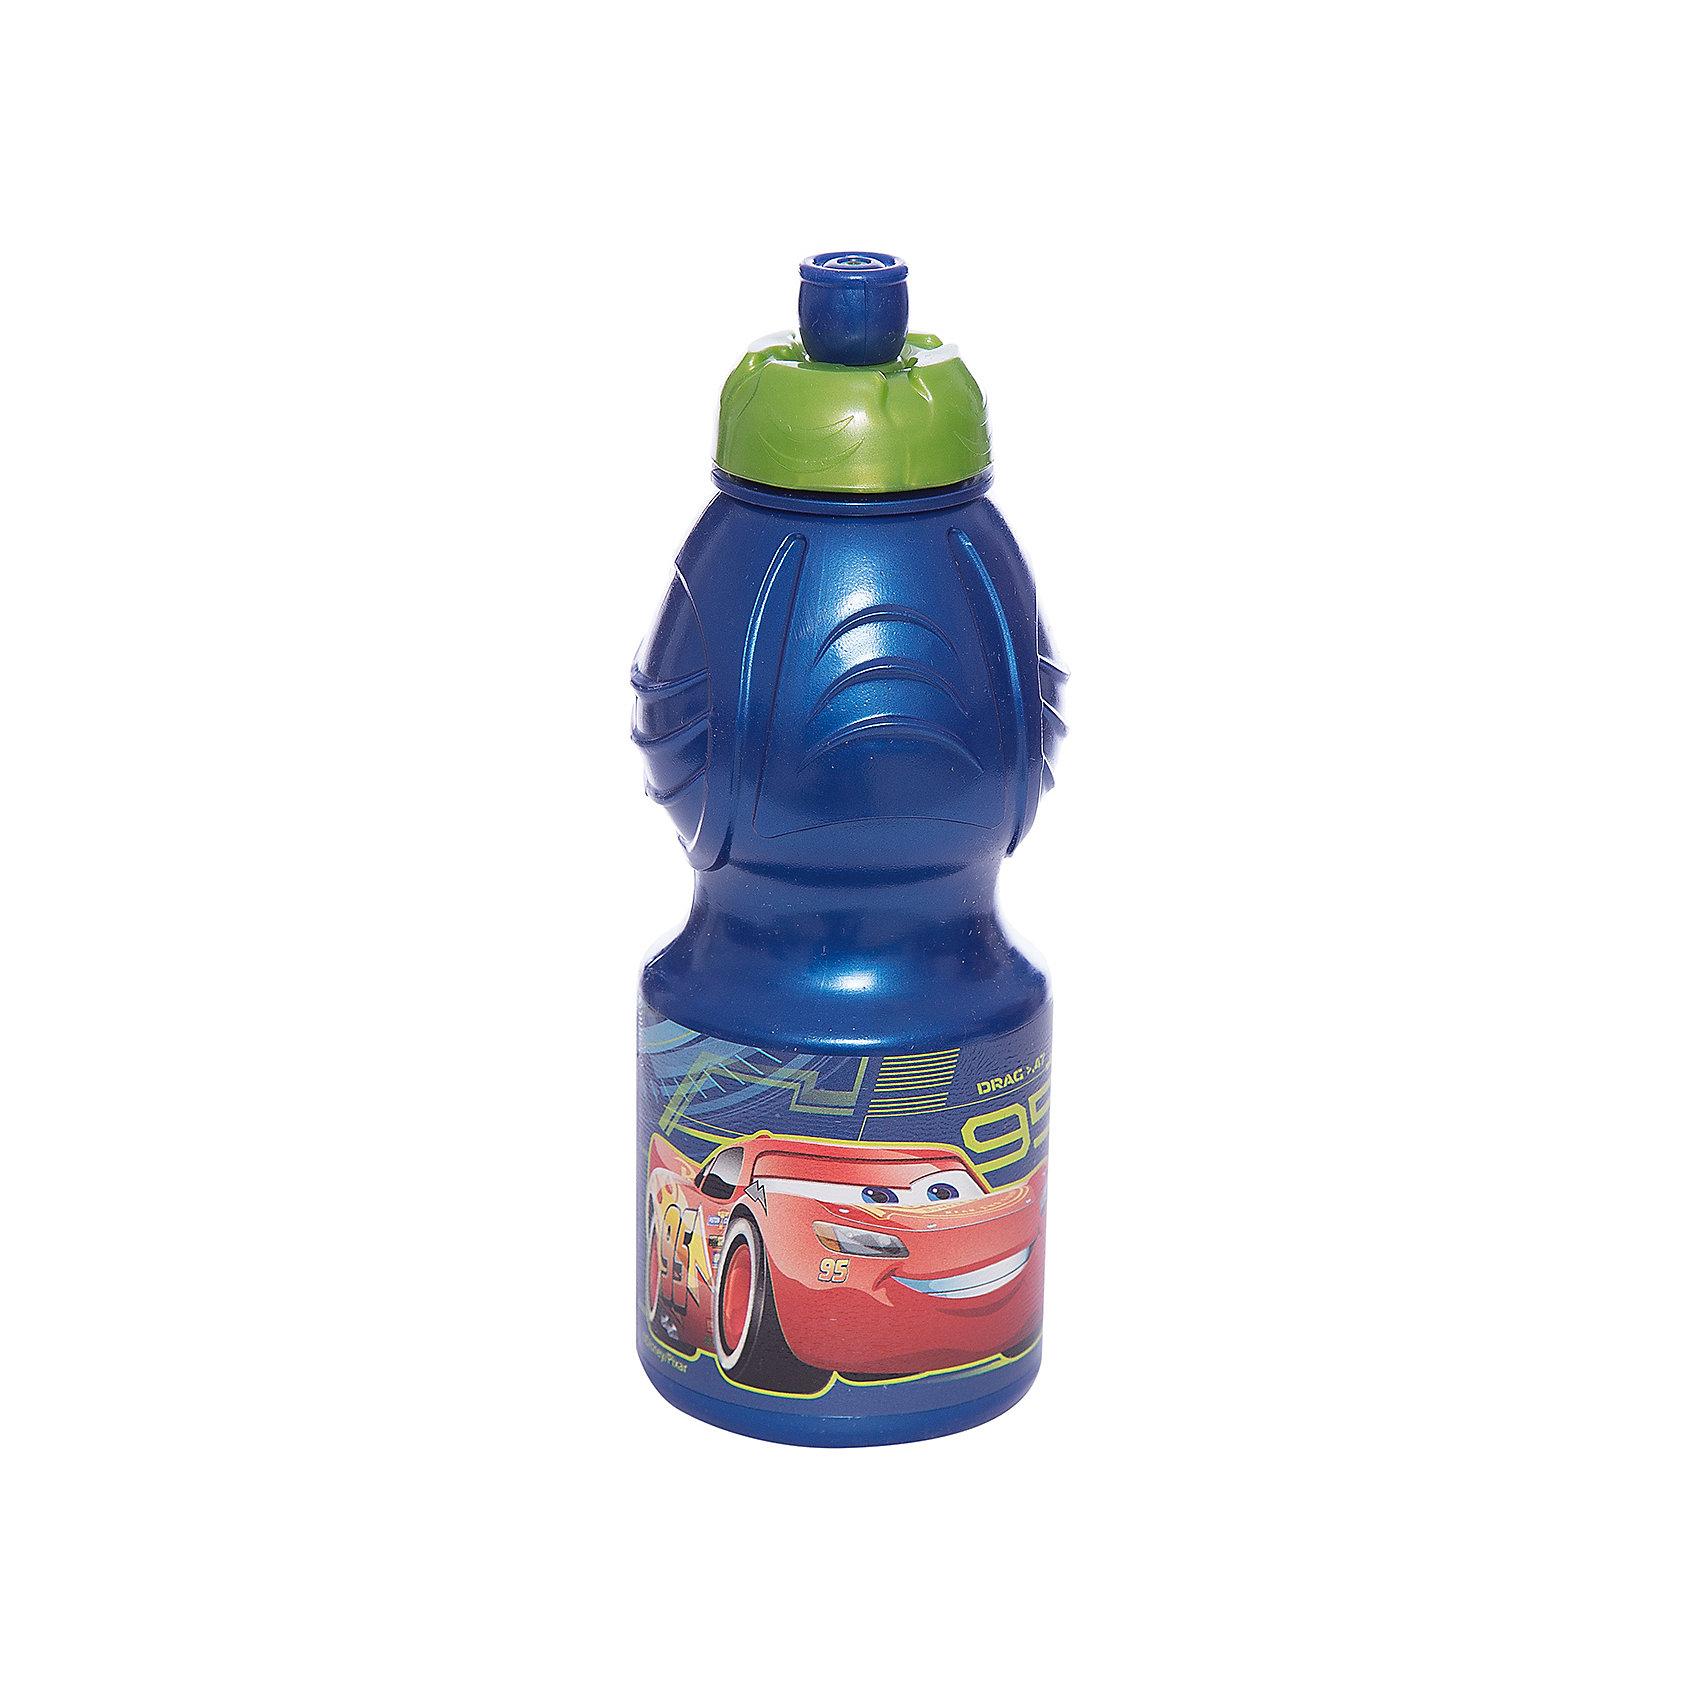 Бутылка пластиковая 400 мл., Тачки 3Бутылки для воды и бутербродницы<br>Характеристики:<br><br>• возраст: от 3 лет;<br>• цвет: разноцветная, с иллюстрацией;<br>• объем: 400 мл.;<br>• дополнительные опции: с поильником;<br>• материал: пищевой пластик;<br>• высота бутылки: 18 см; <br>• ширина бутылки: 6,5 см;<br>• вес: 50 г.<br>   <br>Красочная спортивная бутылочка для детей изготовлена из пищевого пластика. Горлышко снабжено специальным выдвижным поильником. Бутылка имеет суженую к середине форму, удобную для детской руки.<br><br>Бутылка легко помещается в спортивную сумку, рюкзак или велосипедный держатель. Можно использовать с любыми видами пищевых жидкостей.<br><br>На бутылочке изображены любимые детские персонажи. <br><br>Бутылку пластиковую 400 мл., Тачки 3, Stor можно приобрести в нашем интернет-магазине.<br><br>Ширина мм: 65<br>Глубина мм: 65<br>Высота мм: 180<br>Вес г: 52<br>Возраст от месяцев: 36<br>Возраст до месяцев: 2147483647<br>Пол: Унисекс<br>Возраст: Детский<br>SKU: 7010324